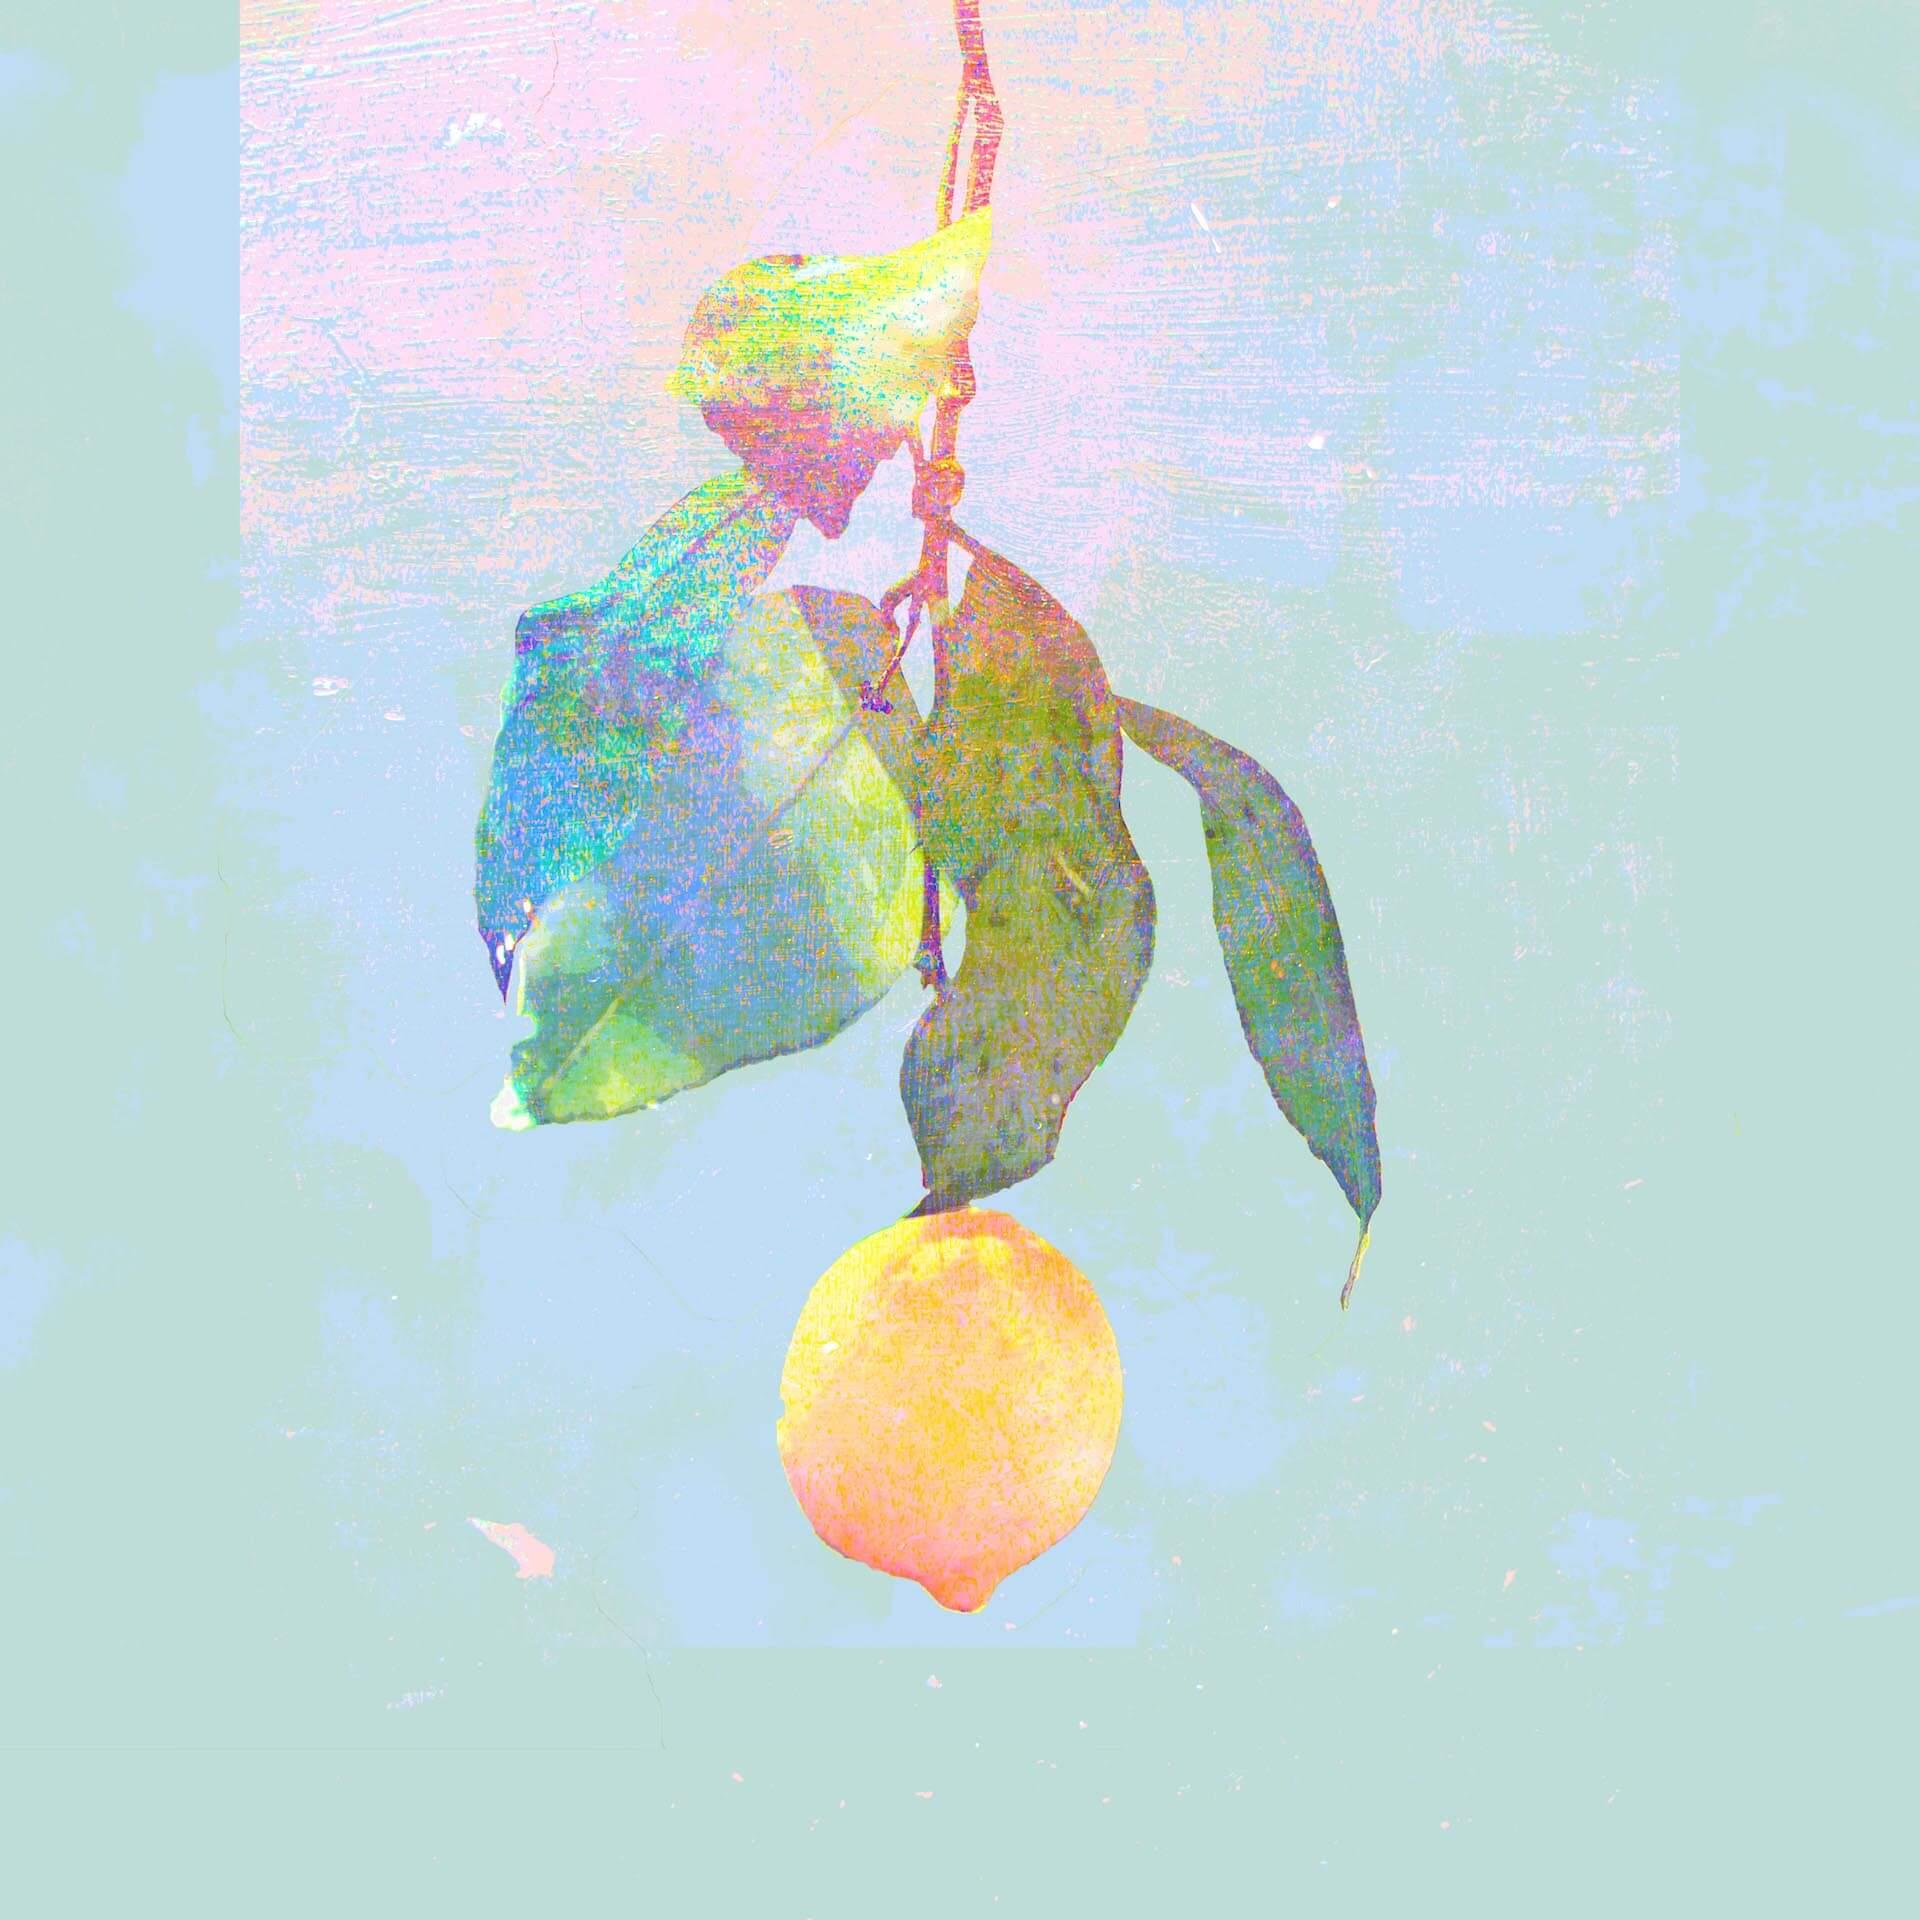 米津玄師から感謝の言葉!「Lemon」日米初の年間チャートV2で渋谷に感謝ボードを掲出 music191216_yonezukenshi_2